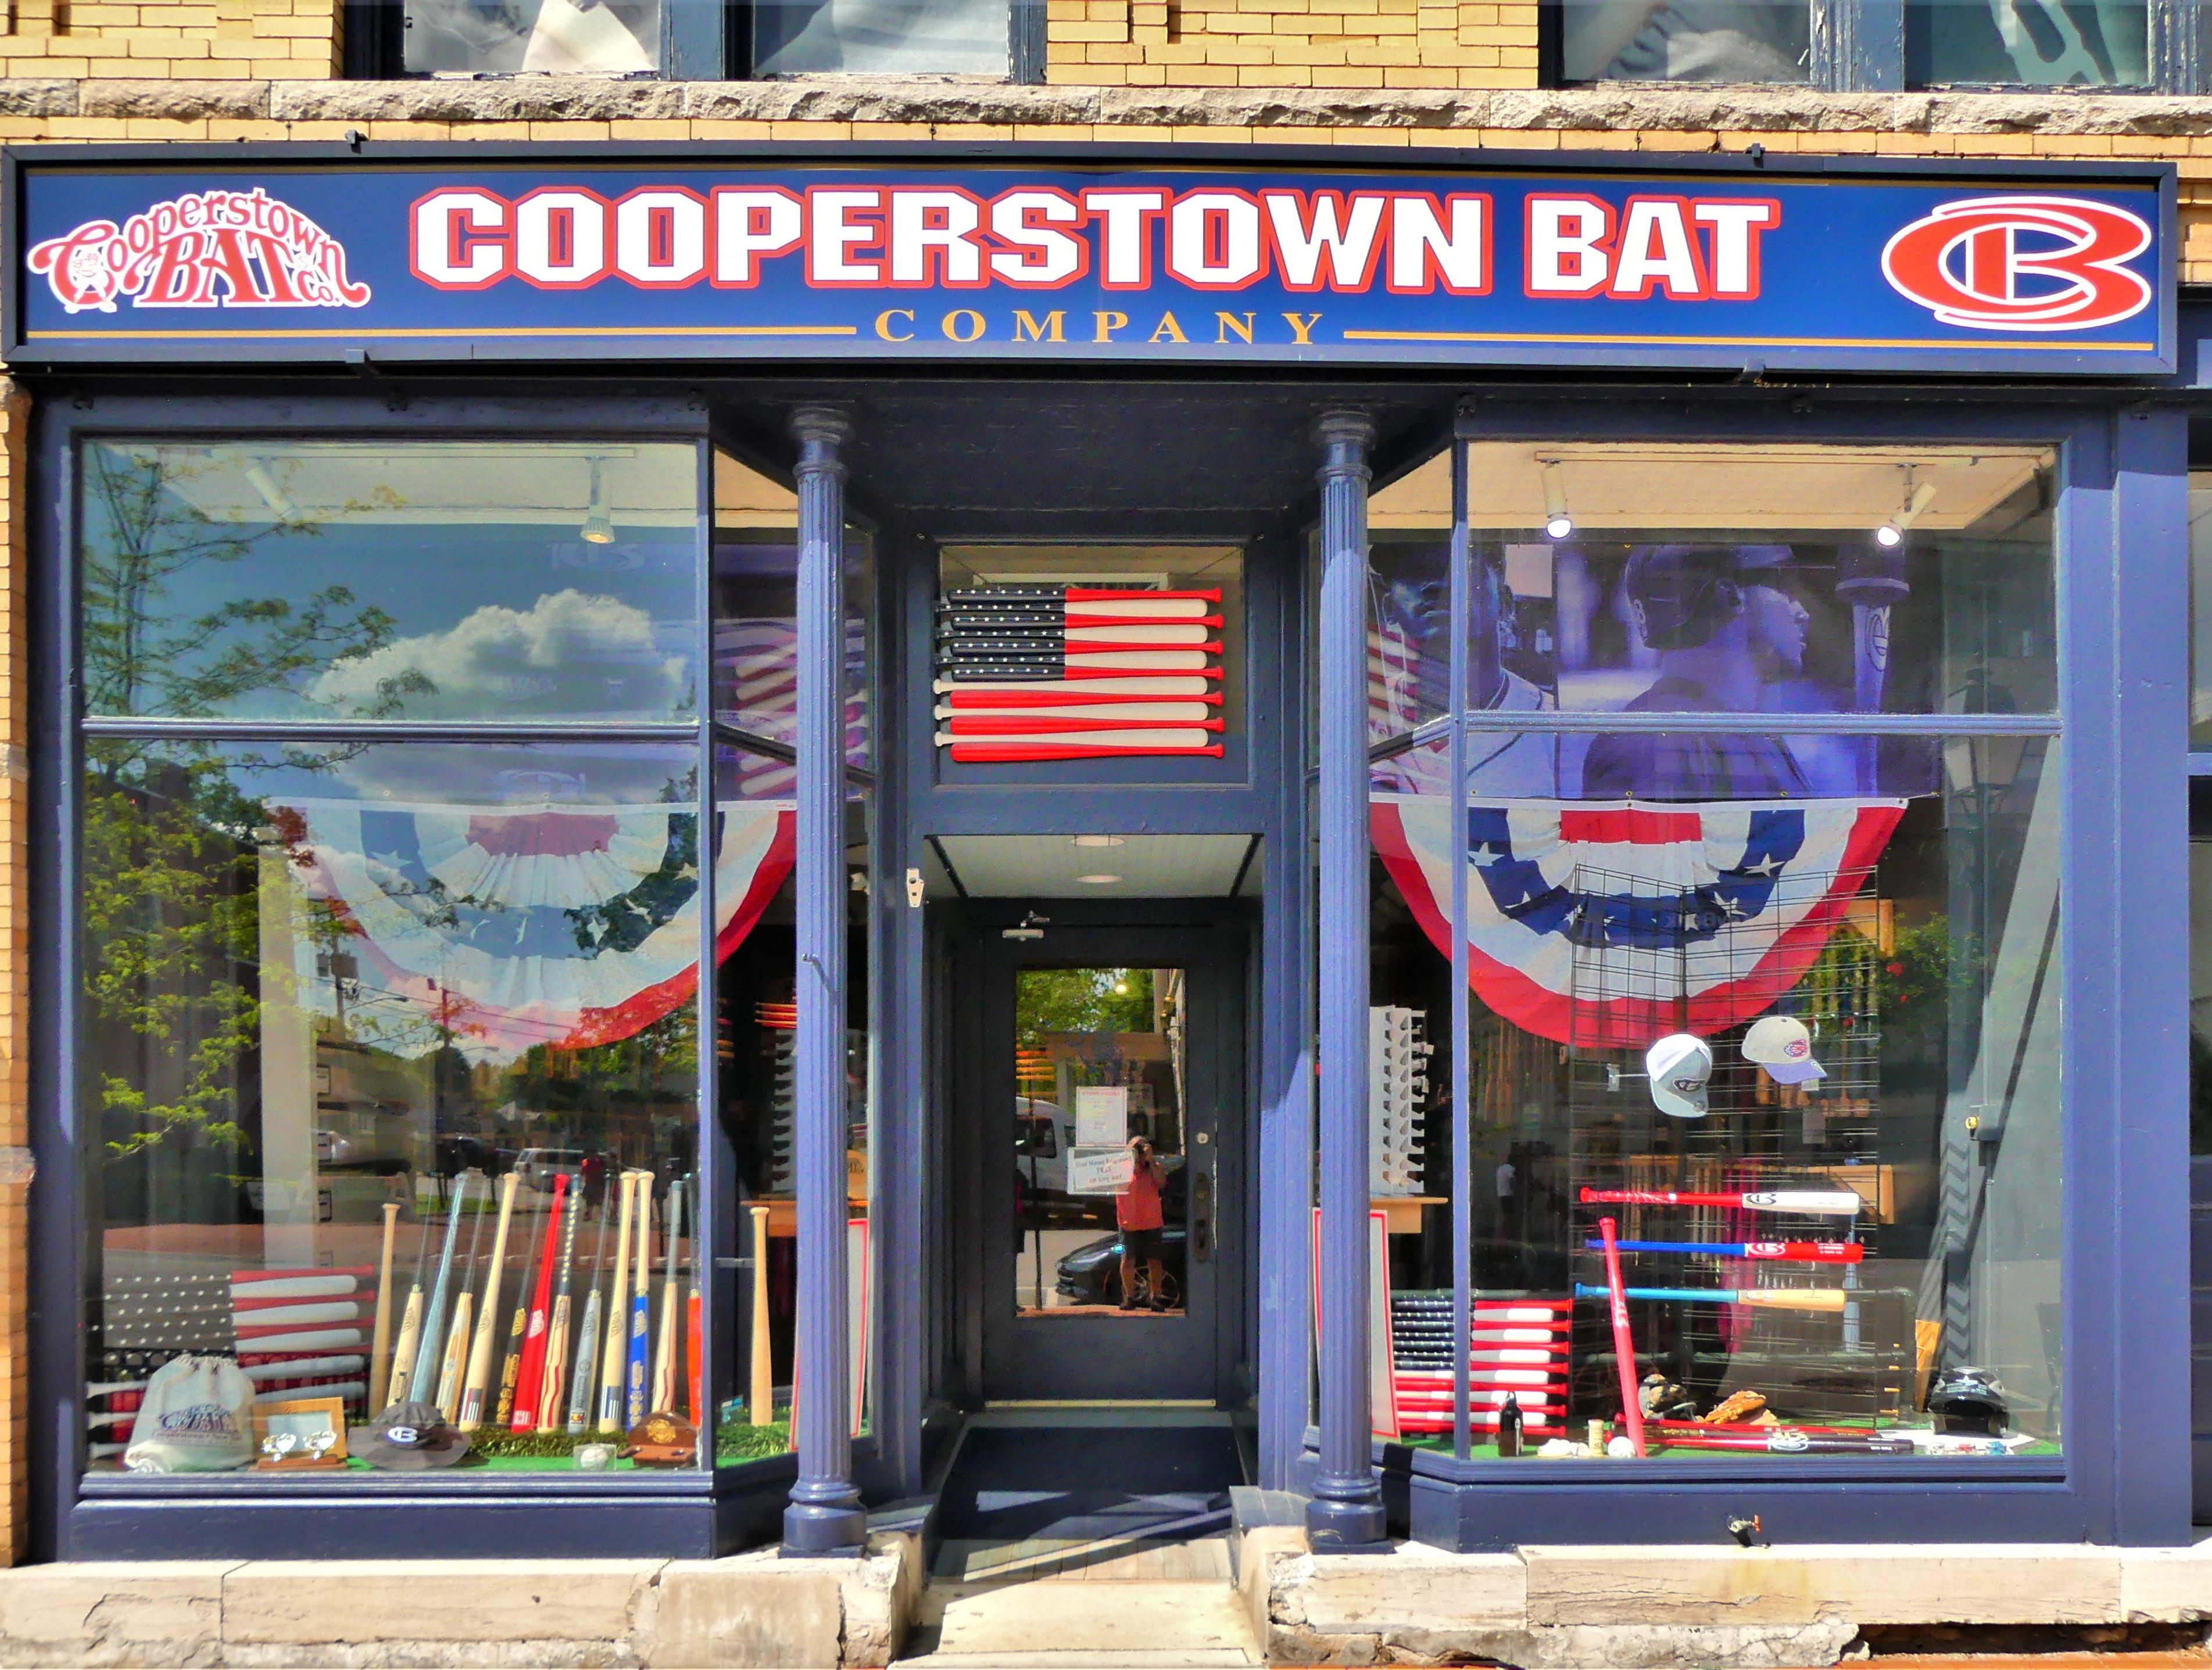 Cooperstown Bats